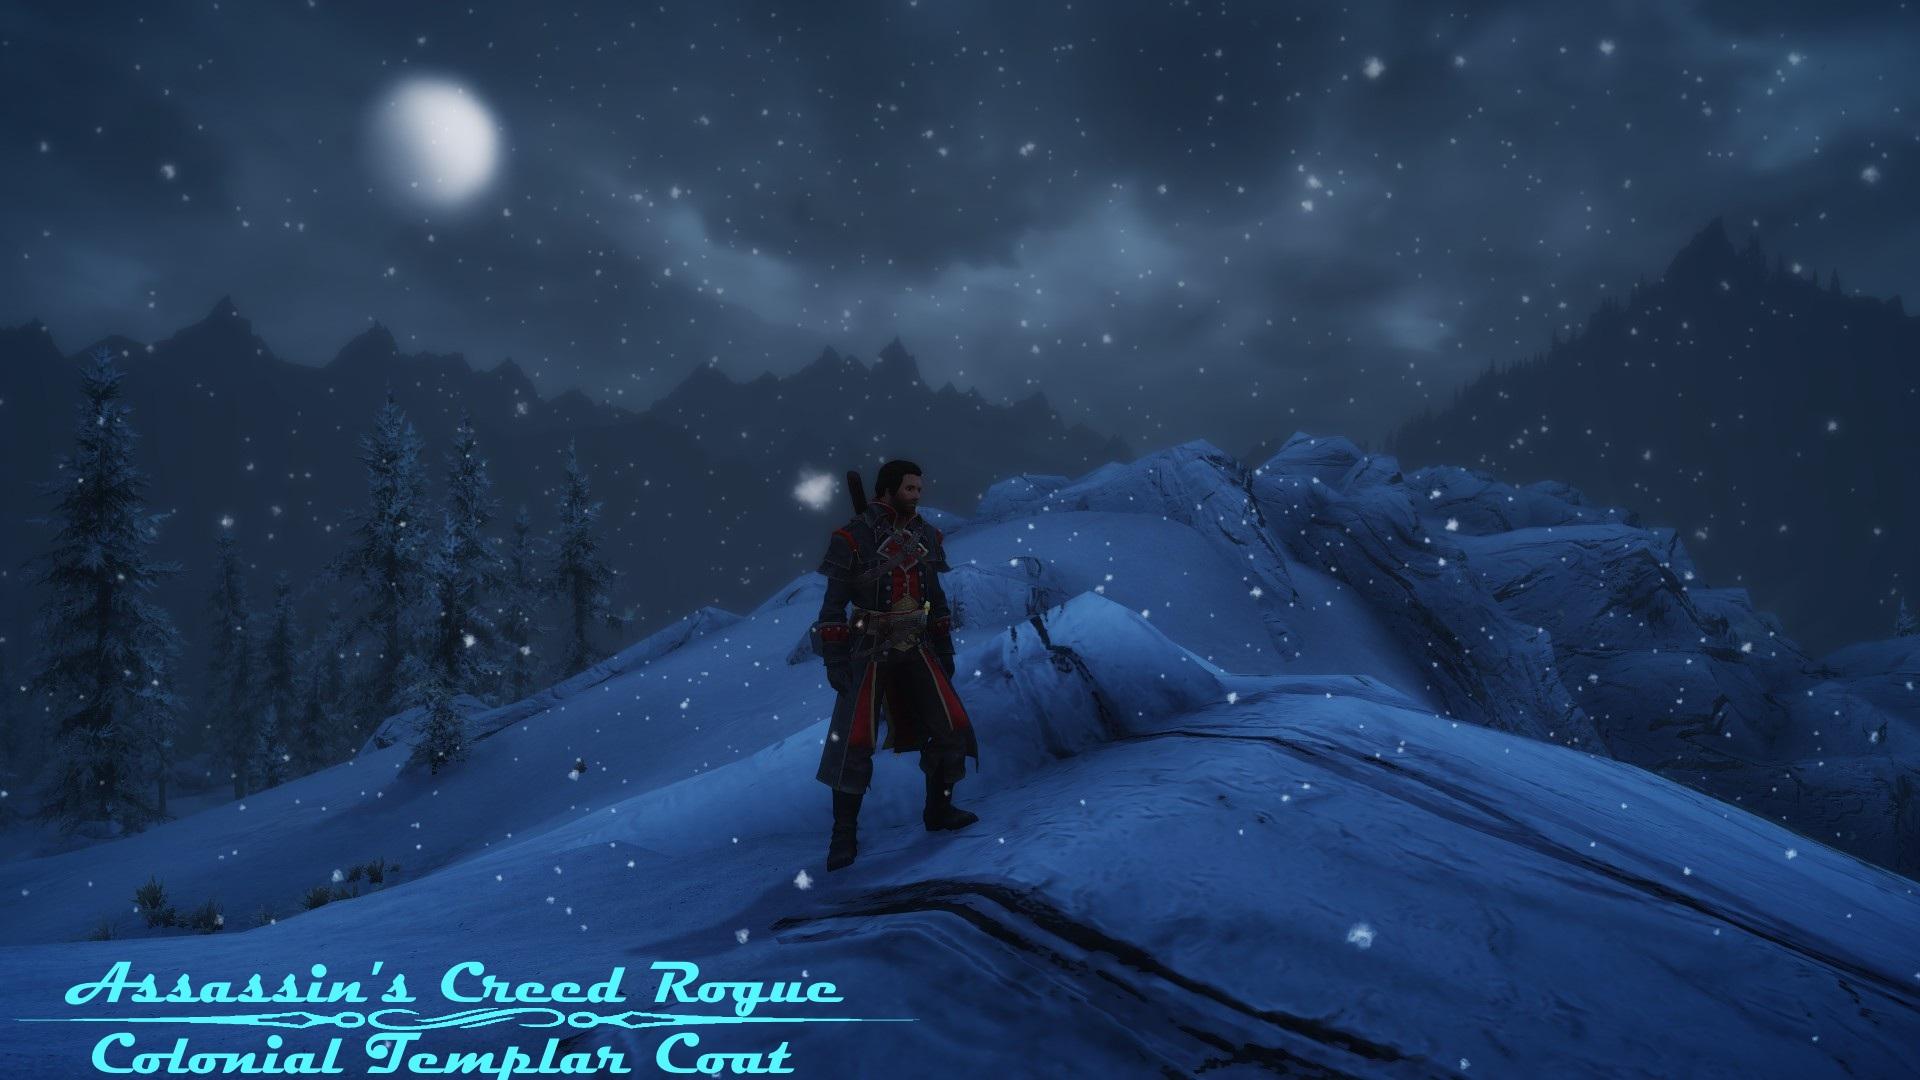 Assassin's_Creed_Rogue_Colonial_templar_Coat_L.jpg